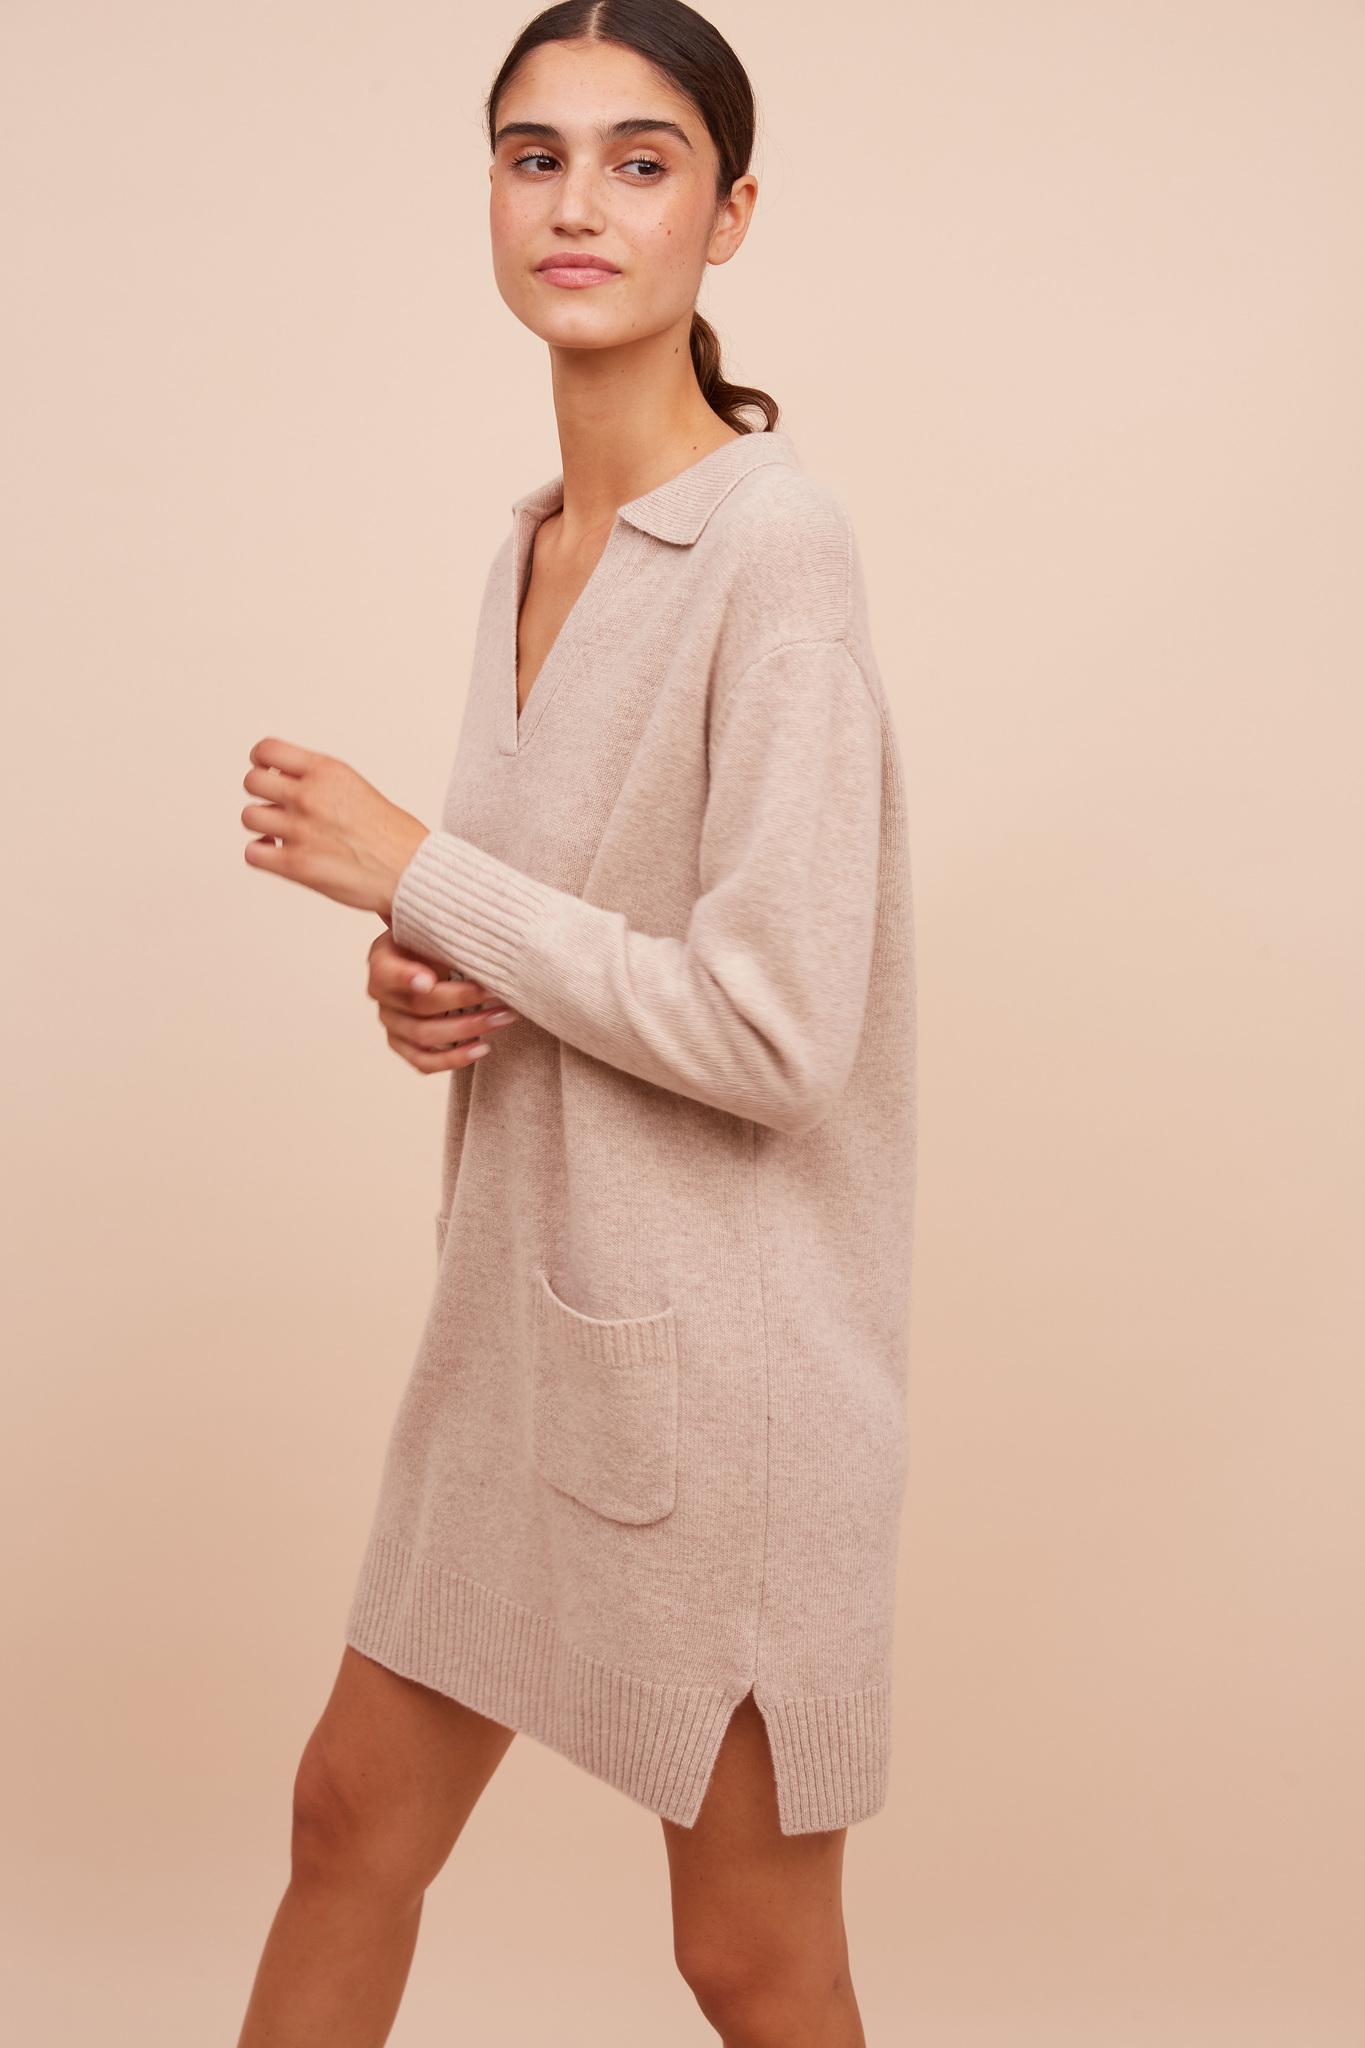 JASMINE - Шерстяное платье-джемпер